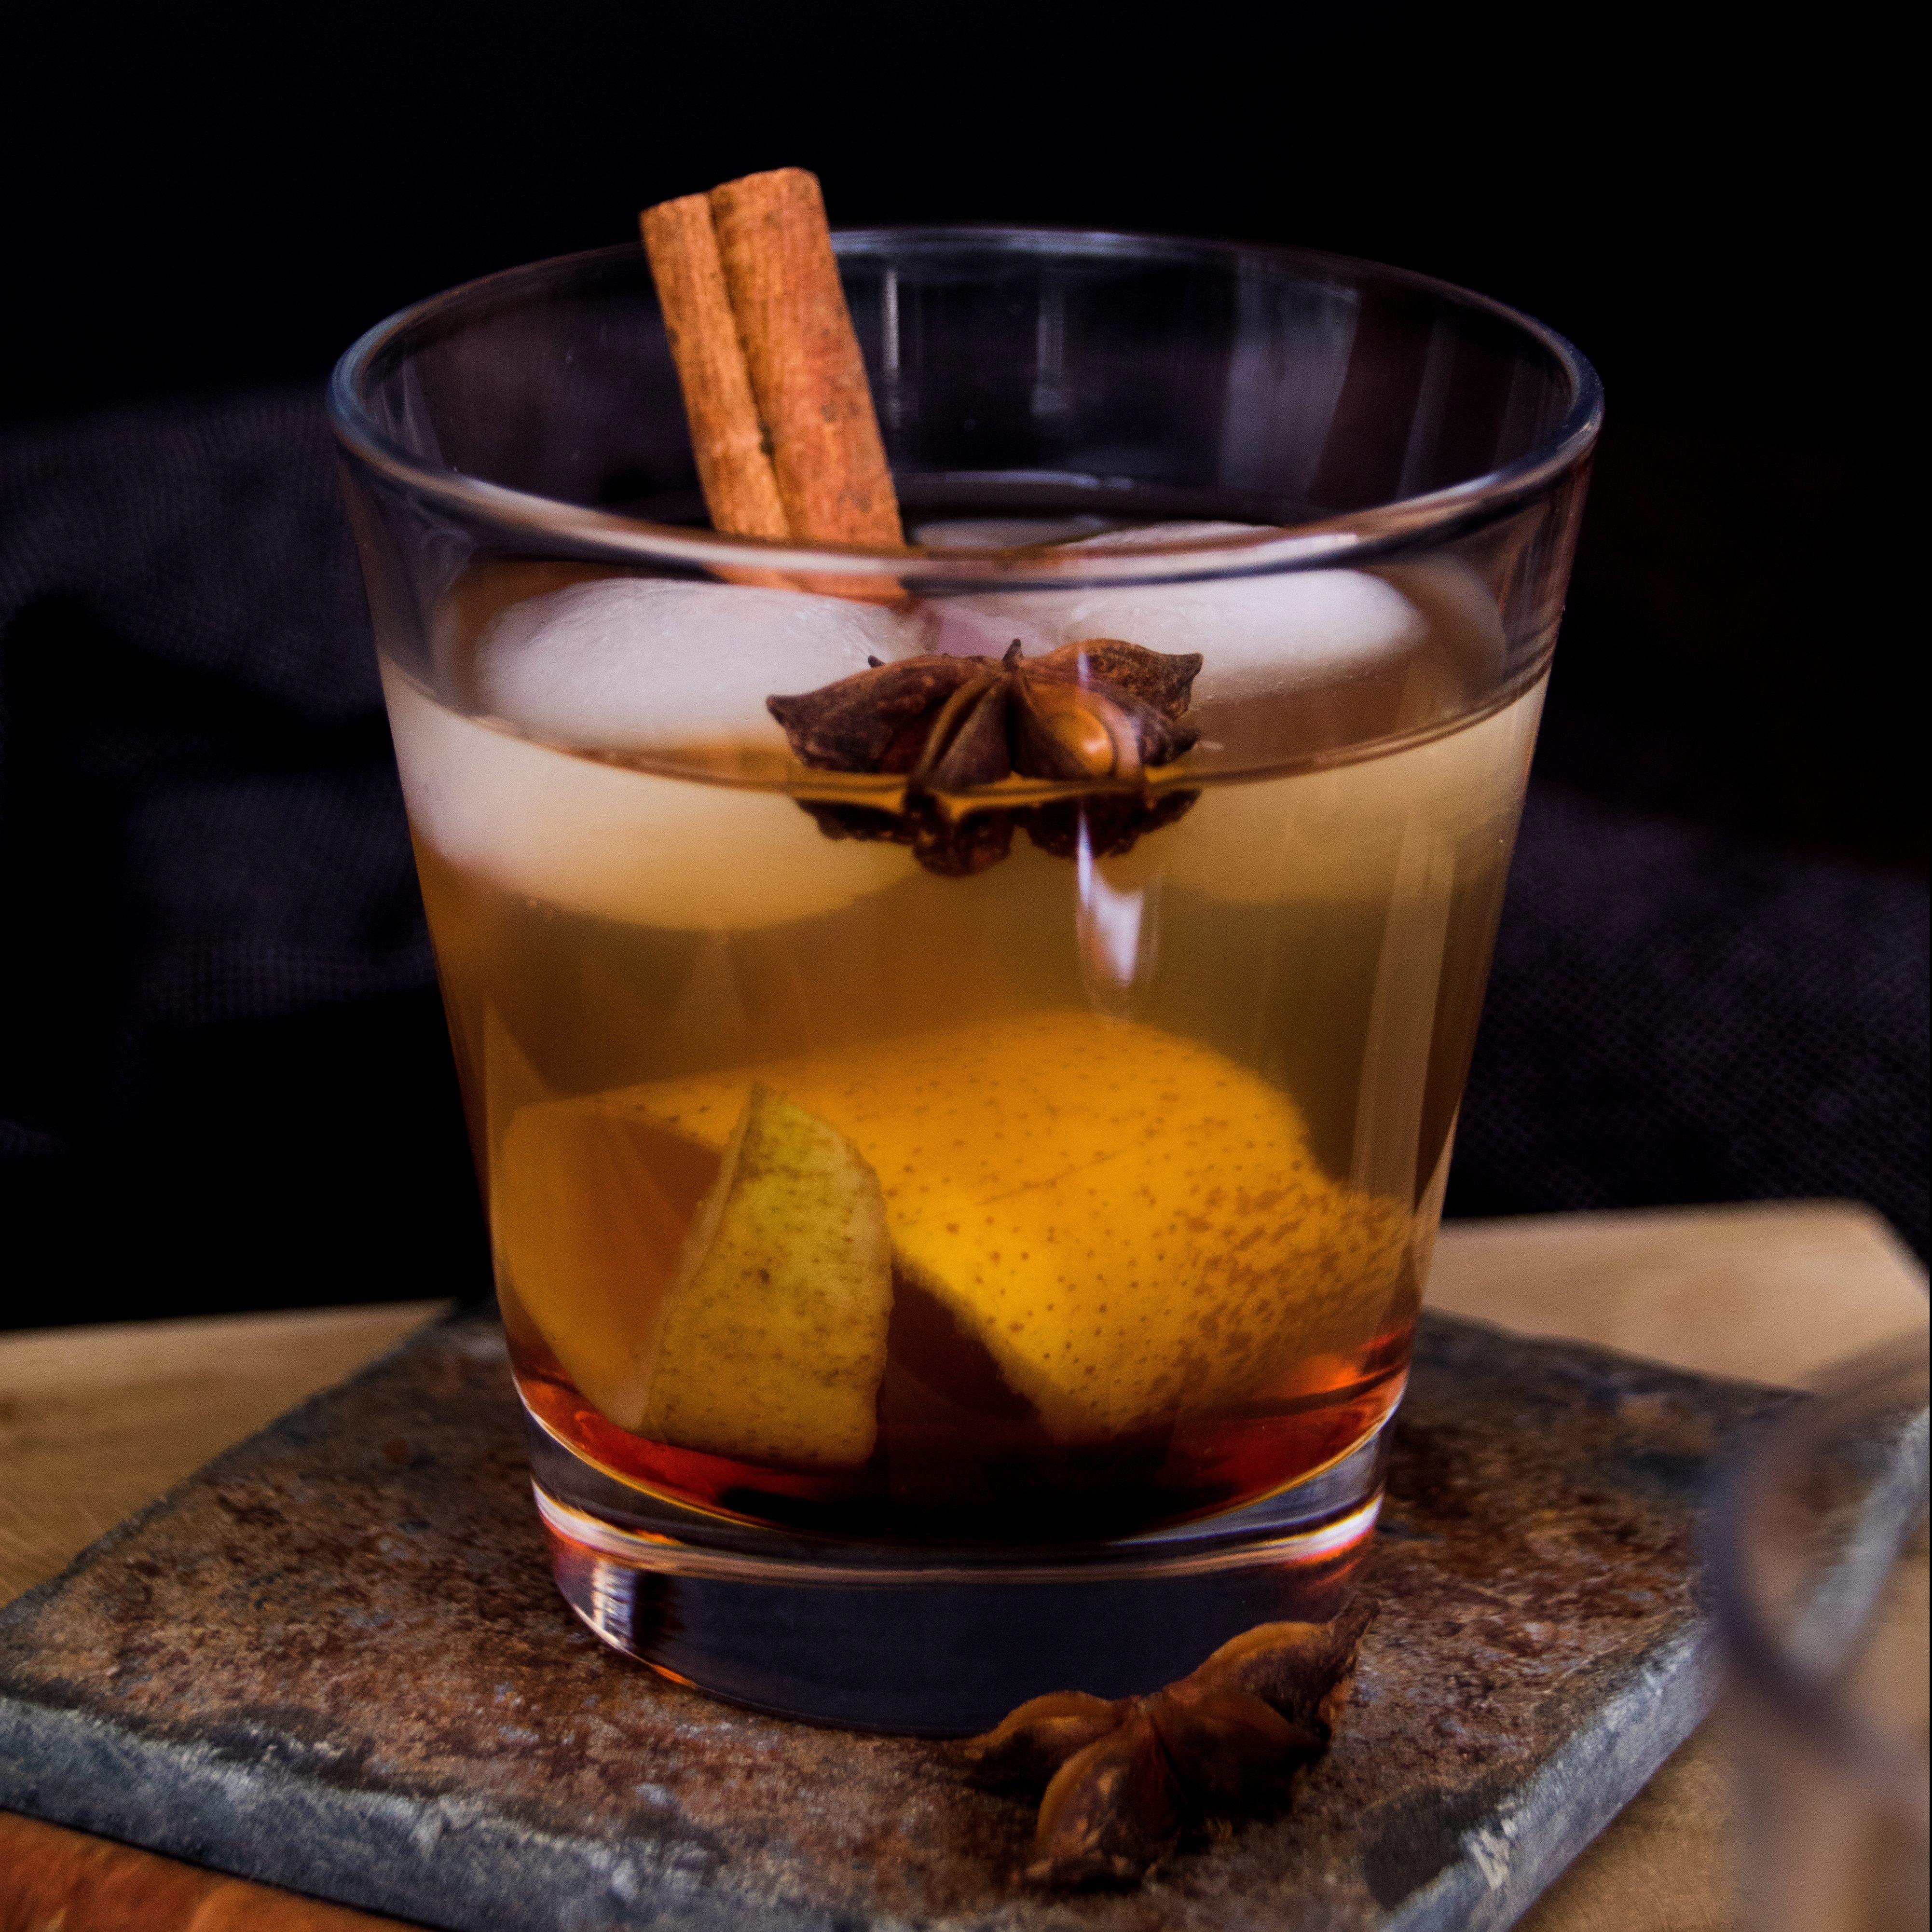 Herbst Birnen Drink mit Cointreau Noir// Autumn Drink with Pears and Cointreau Noir by http://babyrockmyday.com/herbst-birnen-drink/